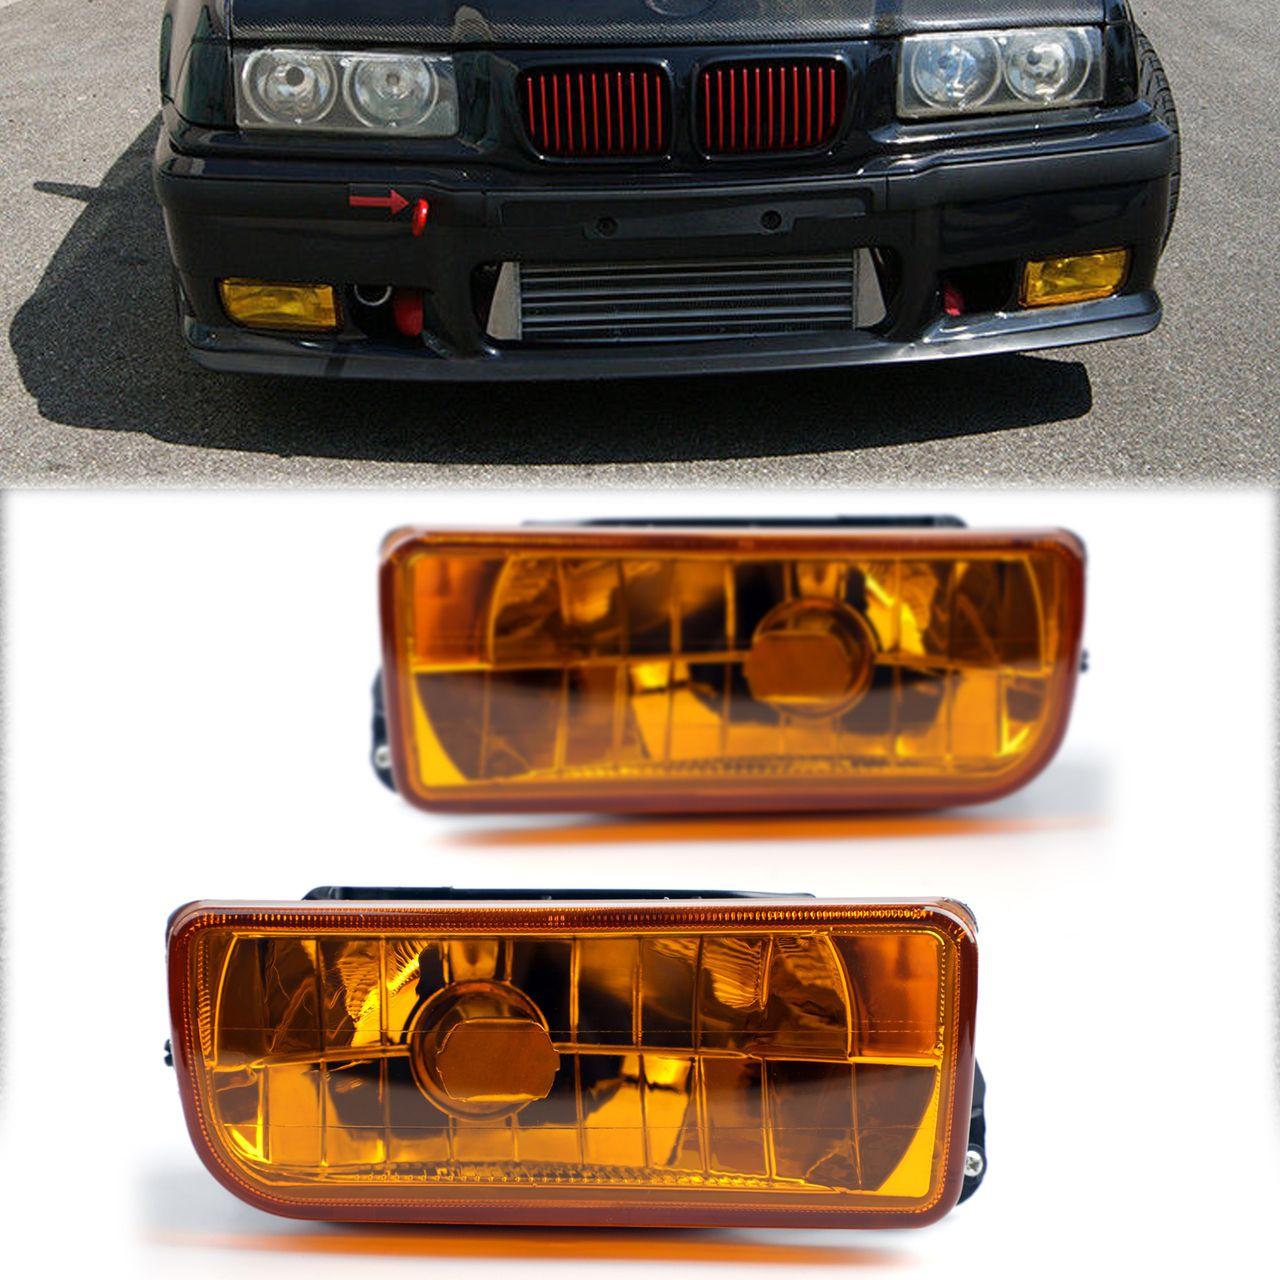 Black Car BUMPER GRILLE FOG LIGHT FOR VW JETTA BORA 99-04 Yellow Lens